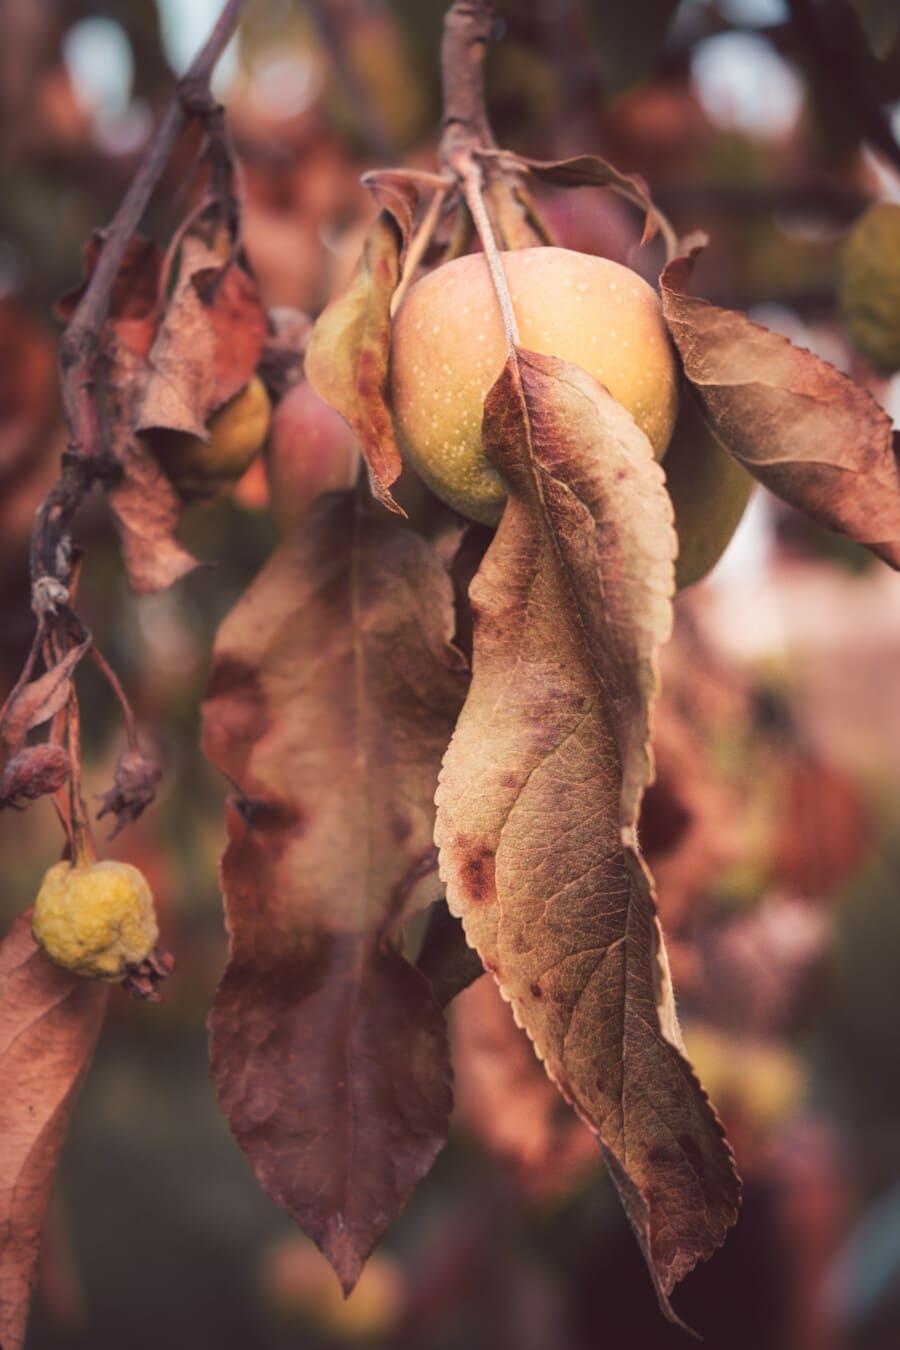 Apfelbaum, Obst, Obstbaum, Herbstsaison, trocken, Apfel, Trockenzeit, Struktur, Produkte, Natur